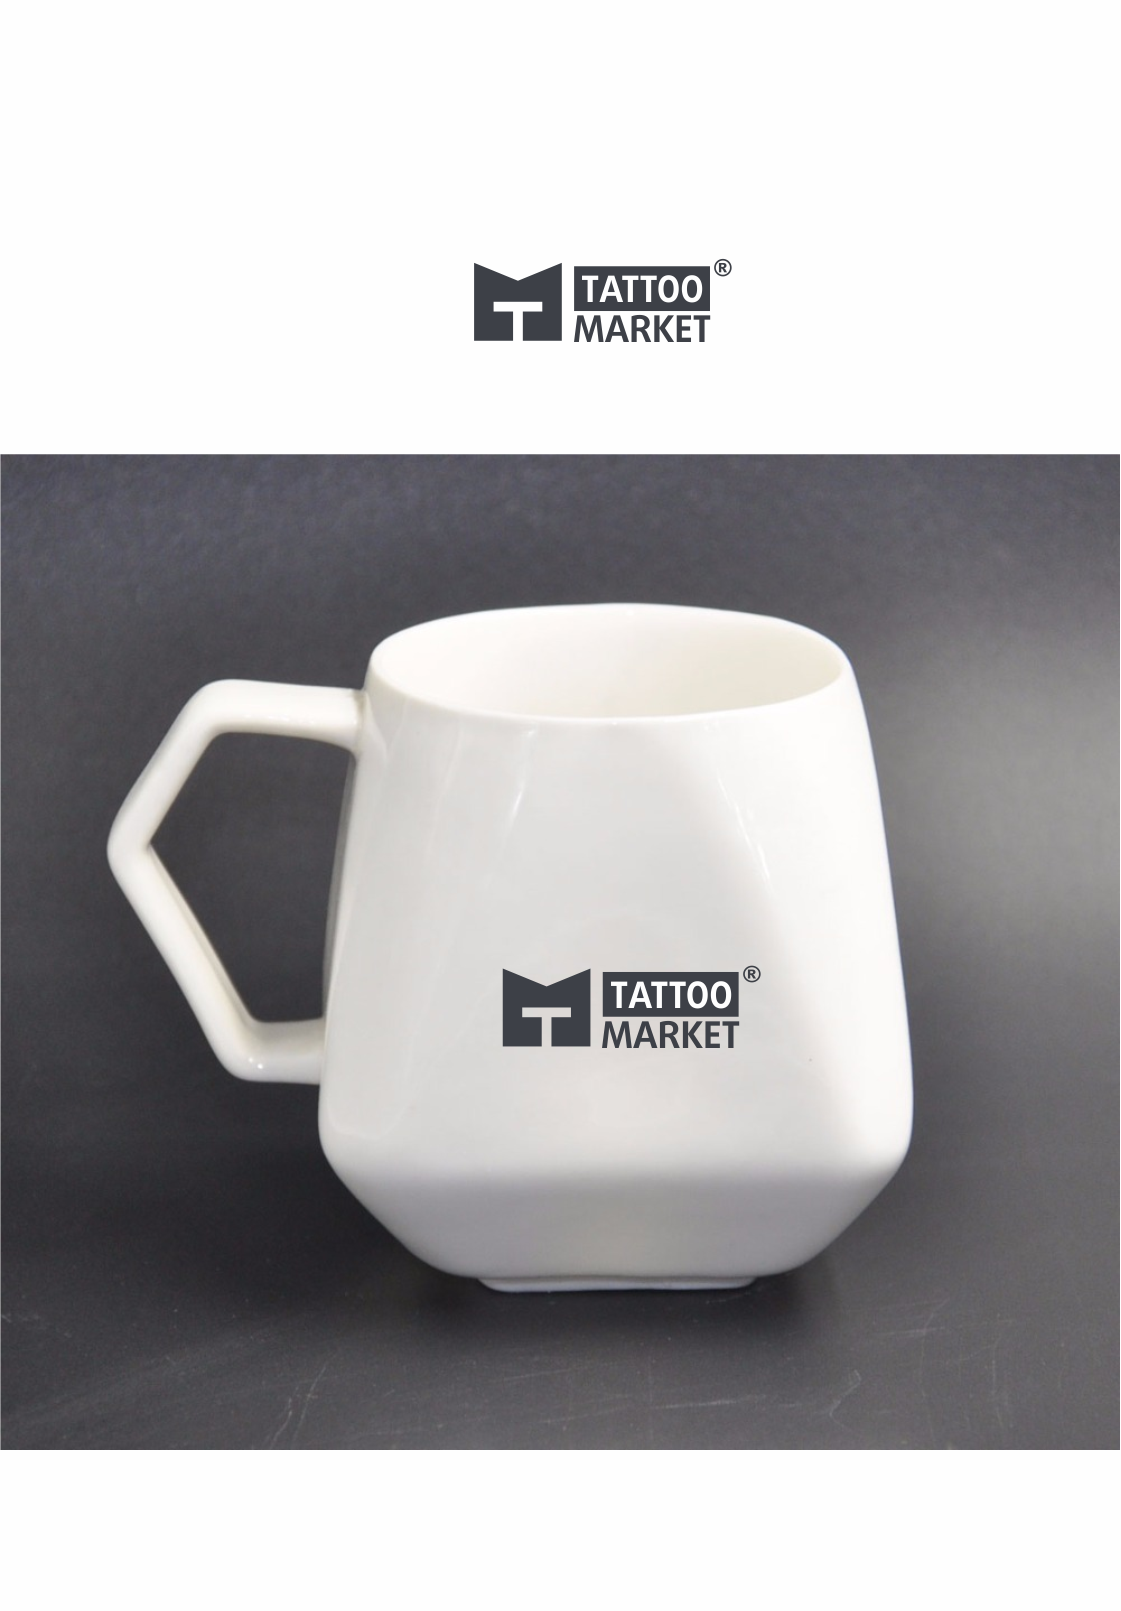 Редизайн логотипа магазина тату оборудования TattooMarket.ru фото f_7505c38d22330250.png